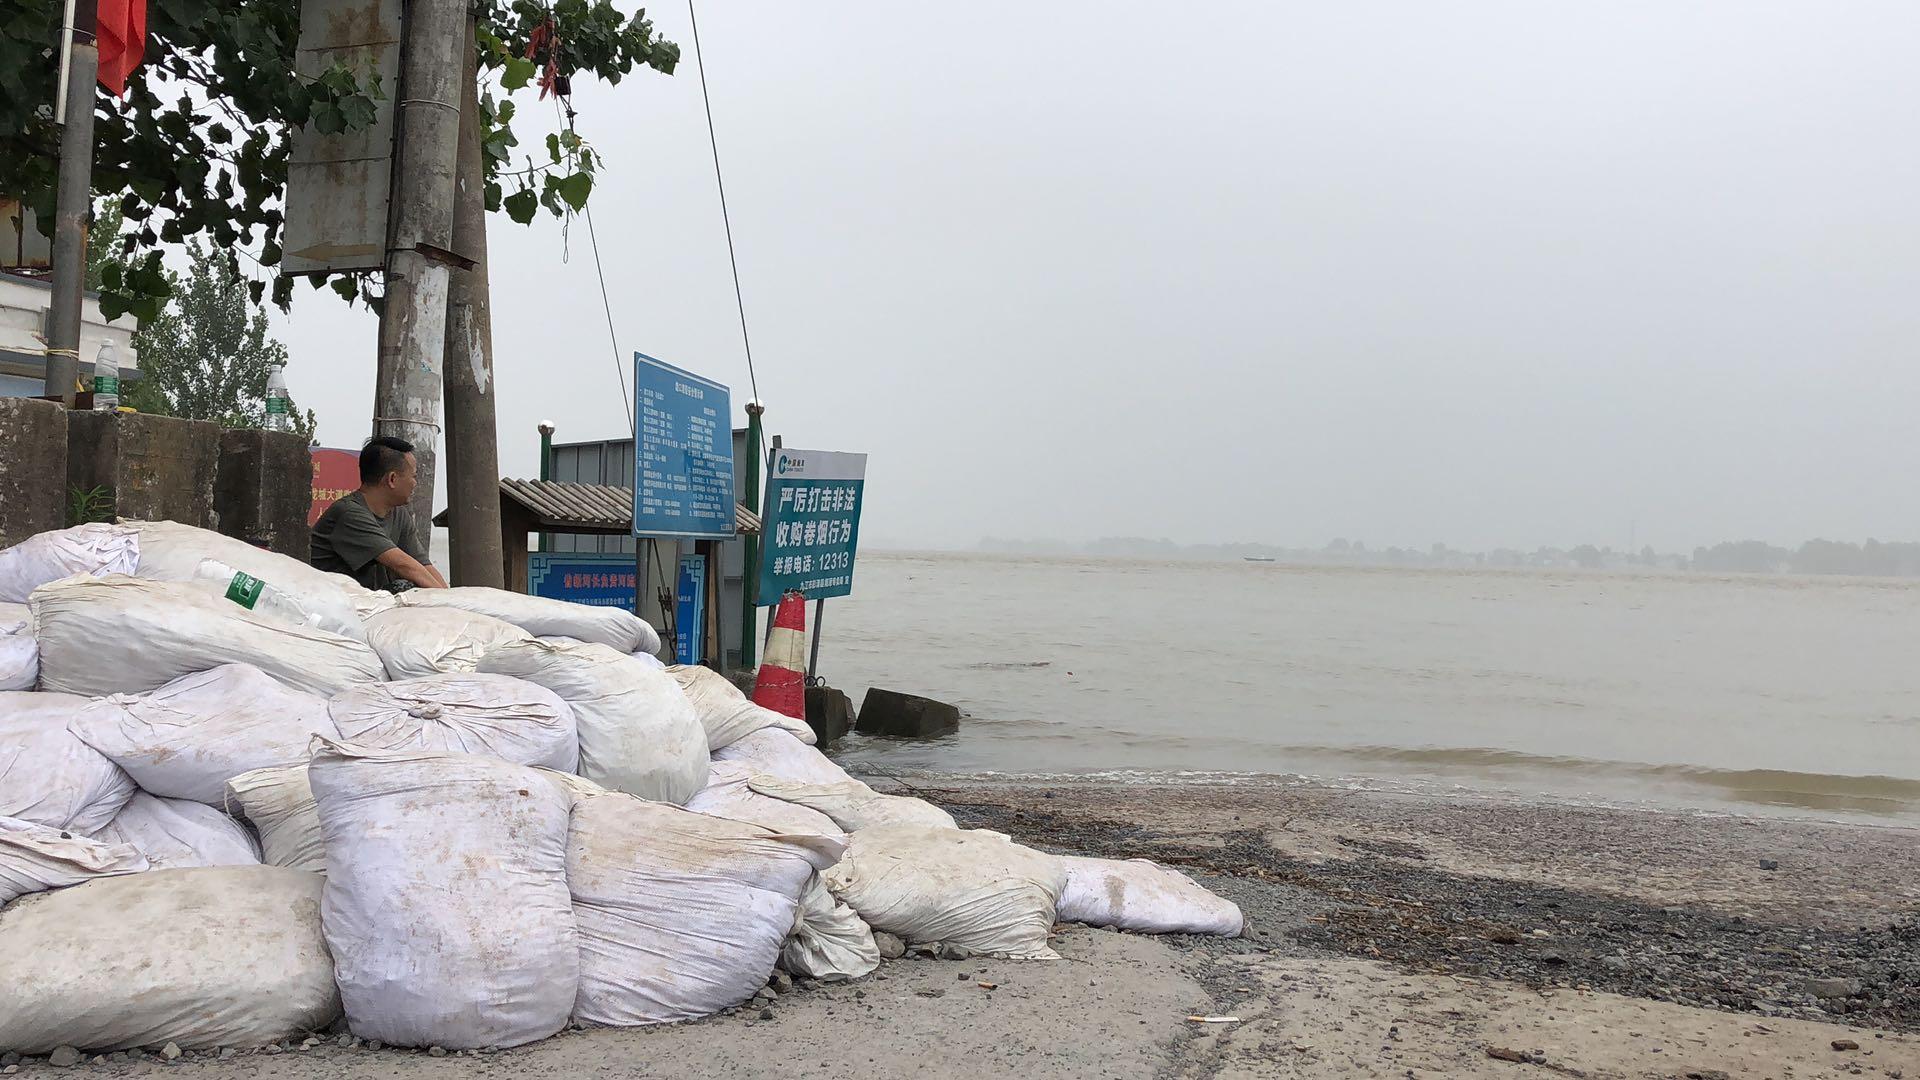 70秒丨江西九江滨江广场被淹没 彭泽县最后一批群众500人今天撤离